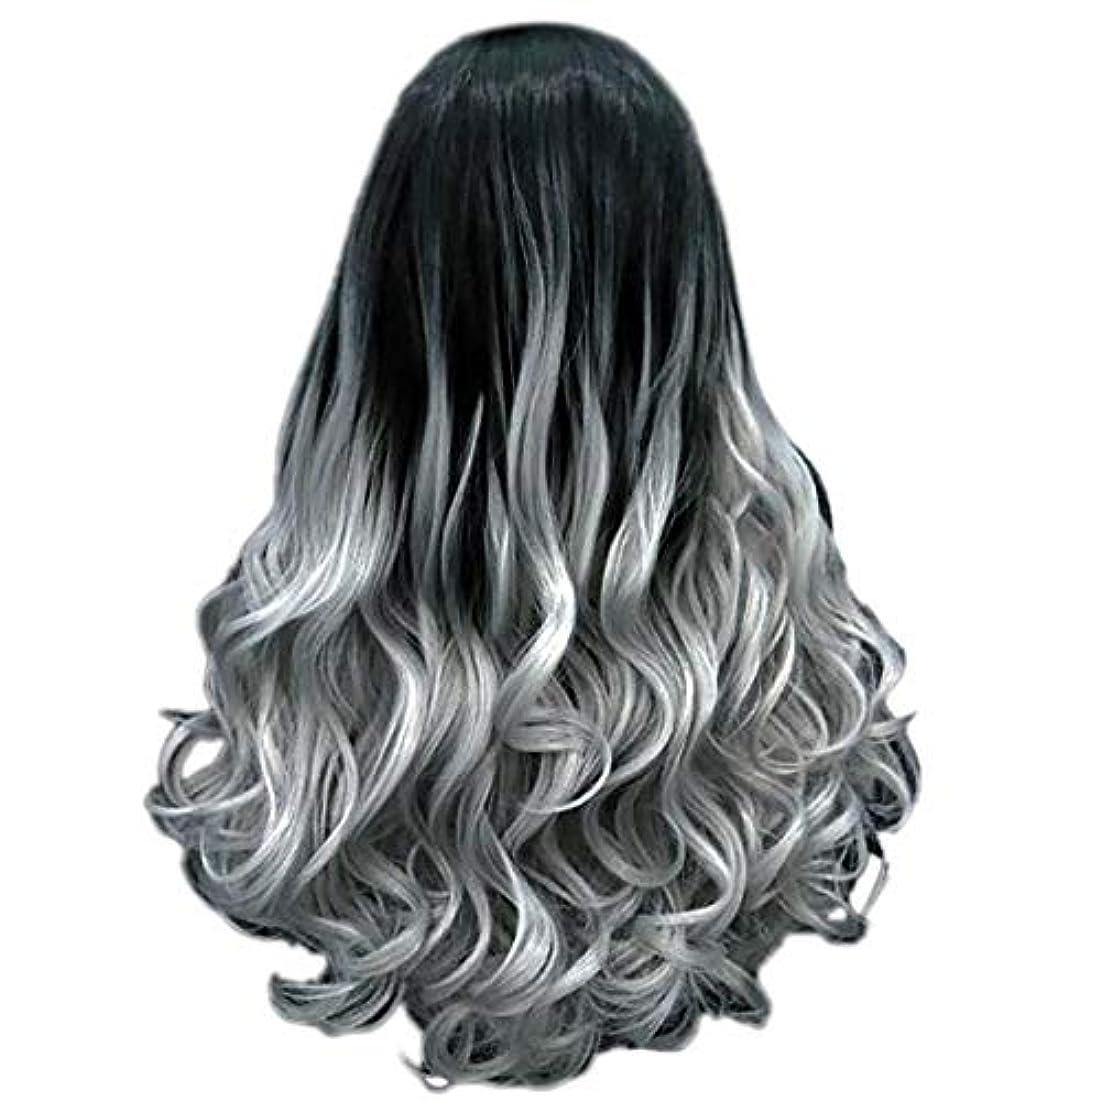 脳の頭の上魅惑的な女性の長い巻き毛のファッションセクシーなかつら70 cmをかつら